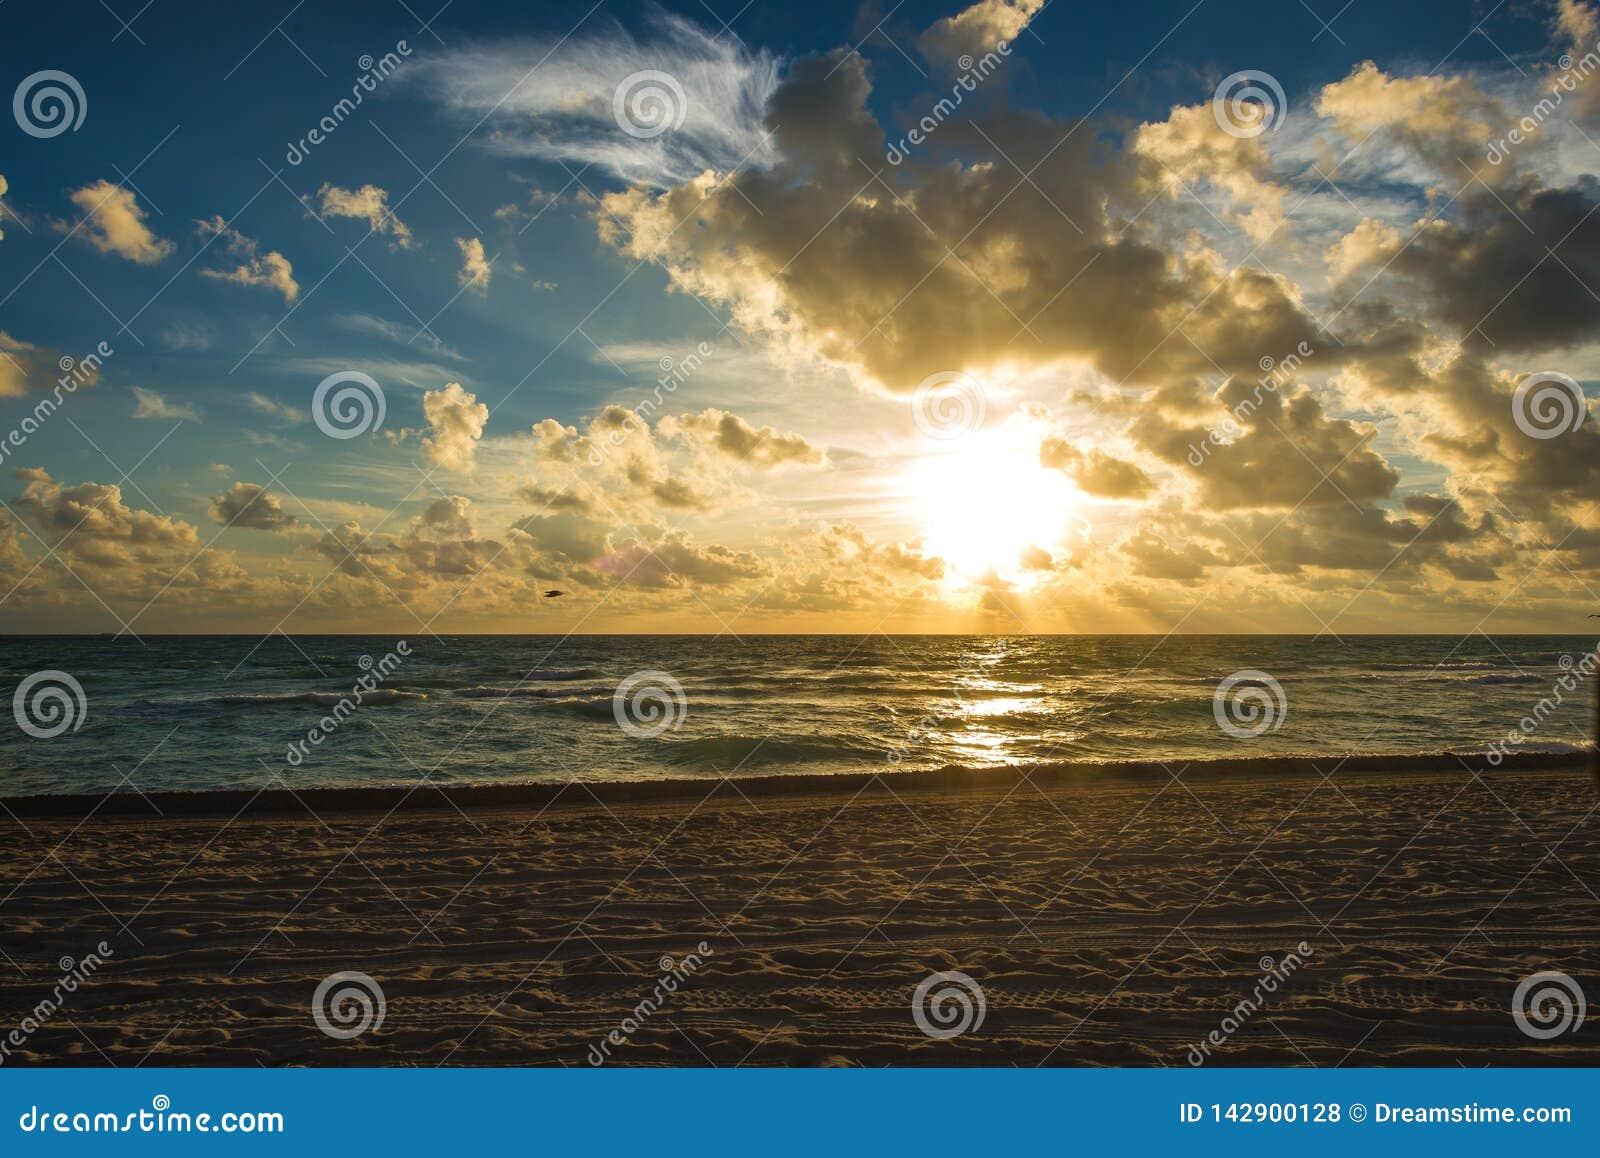 Cloudy sunrise at Miami Beach